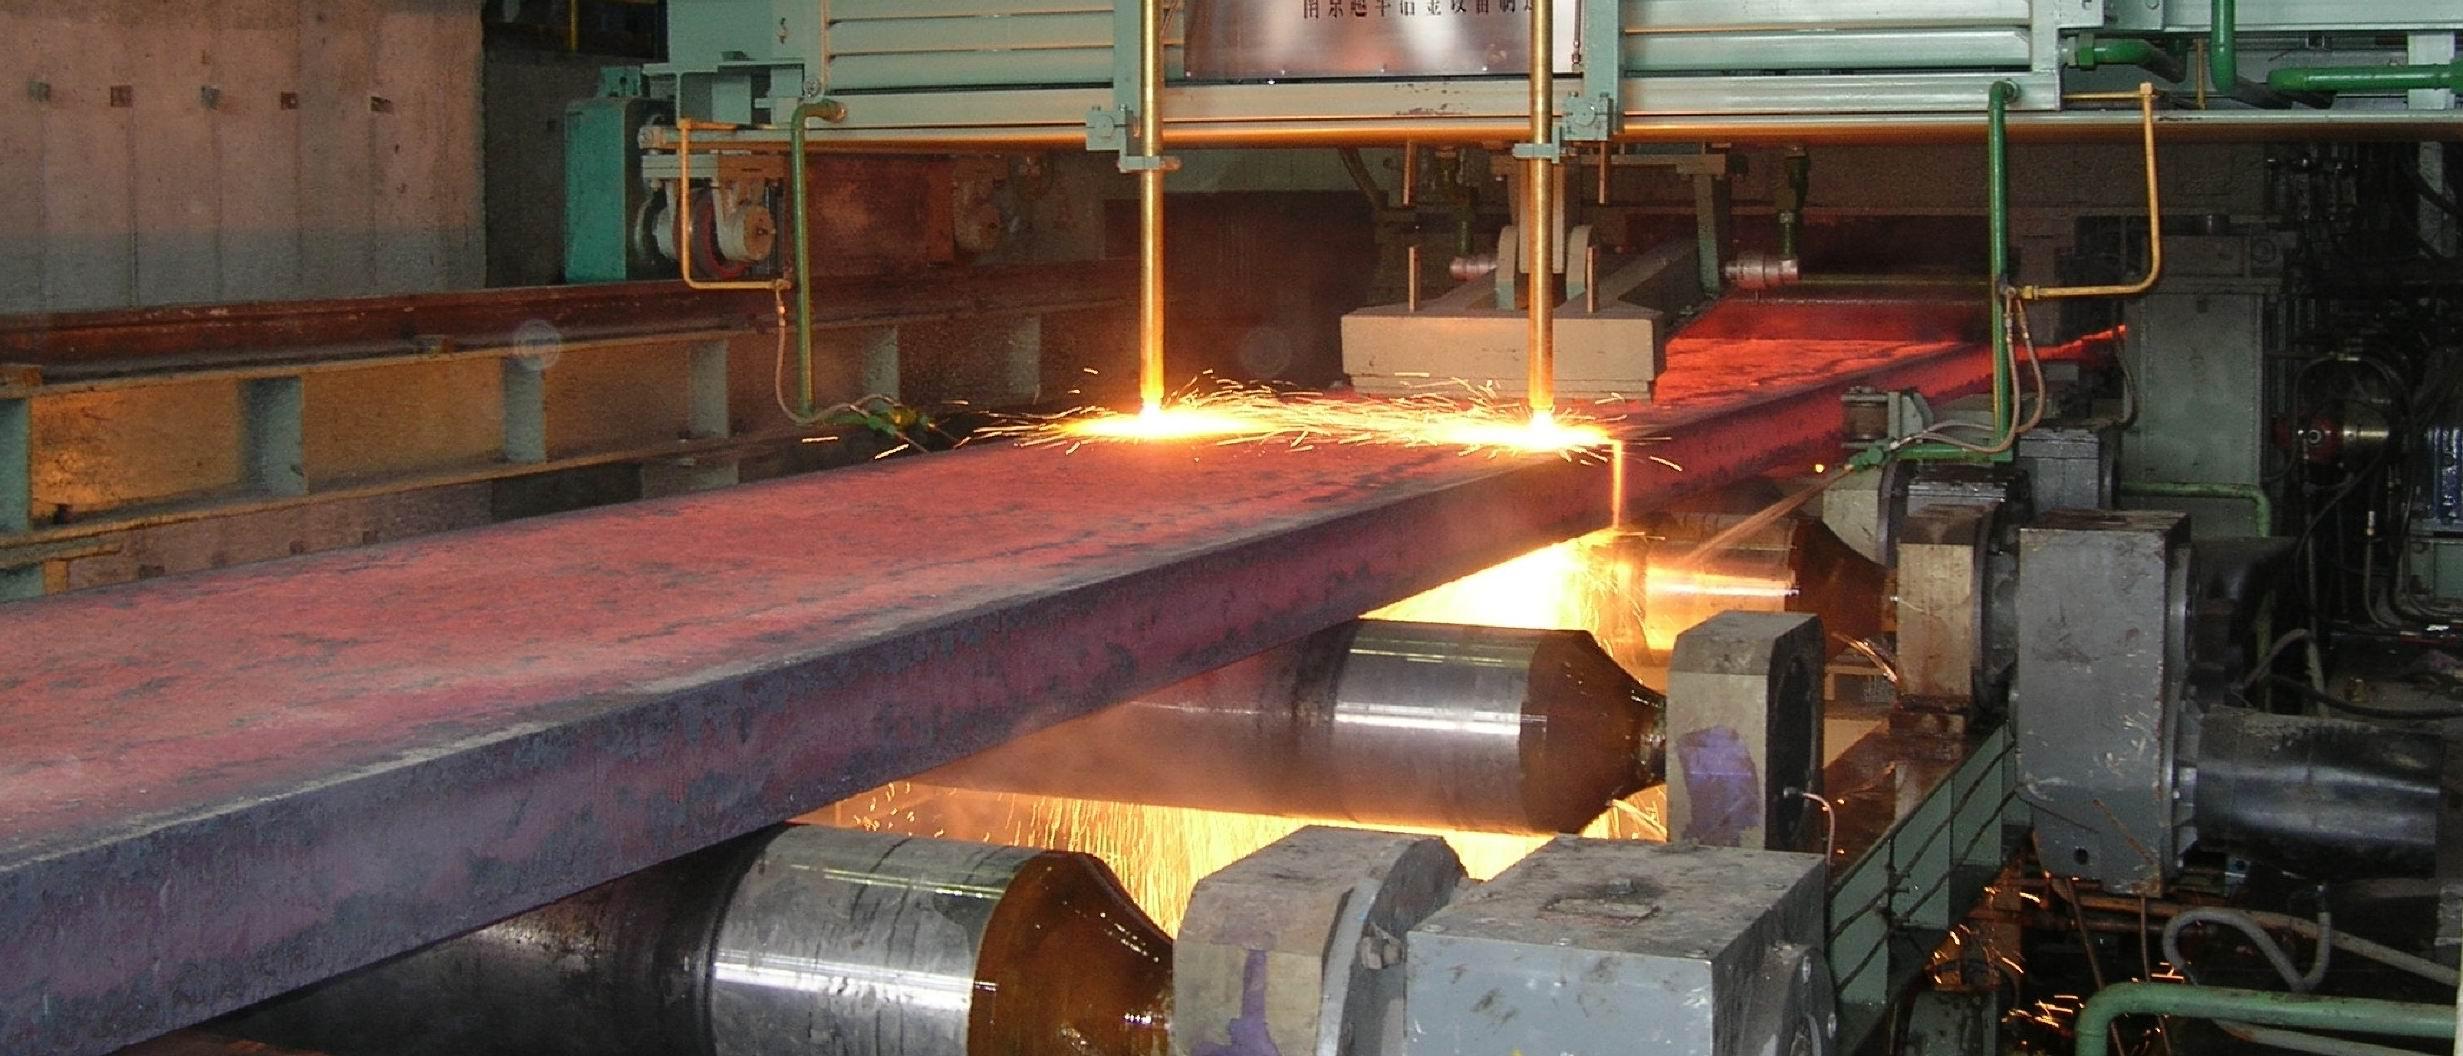 大板坯火焰切割机切割车